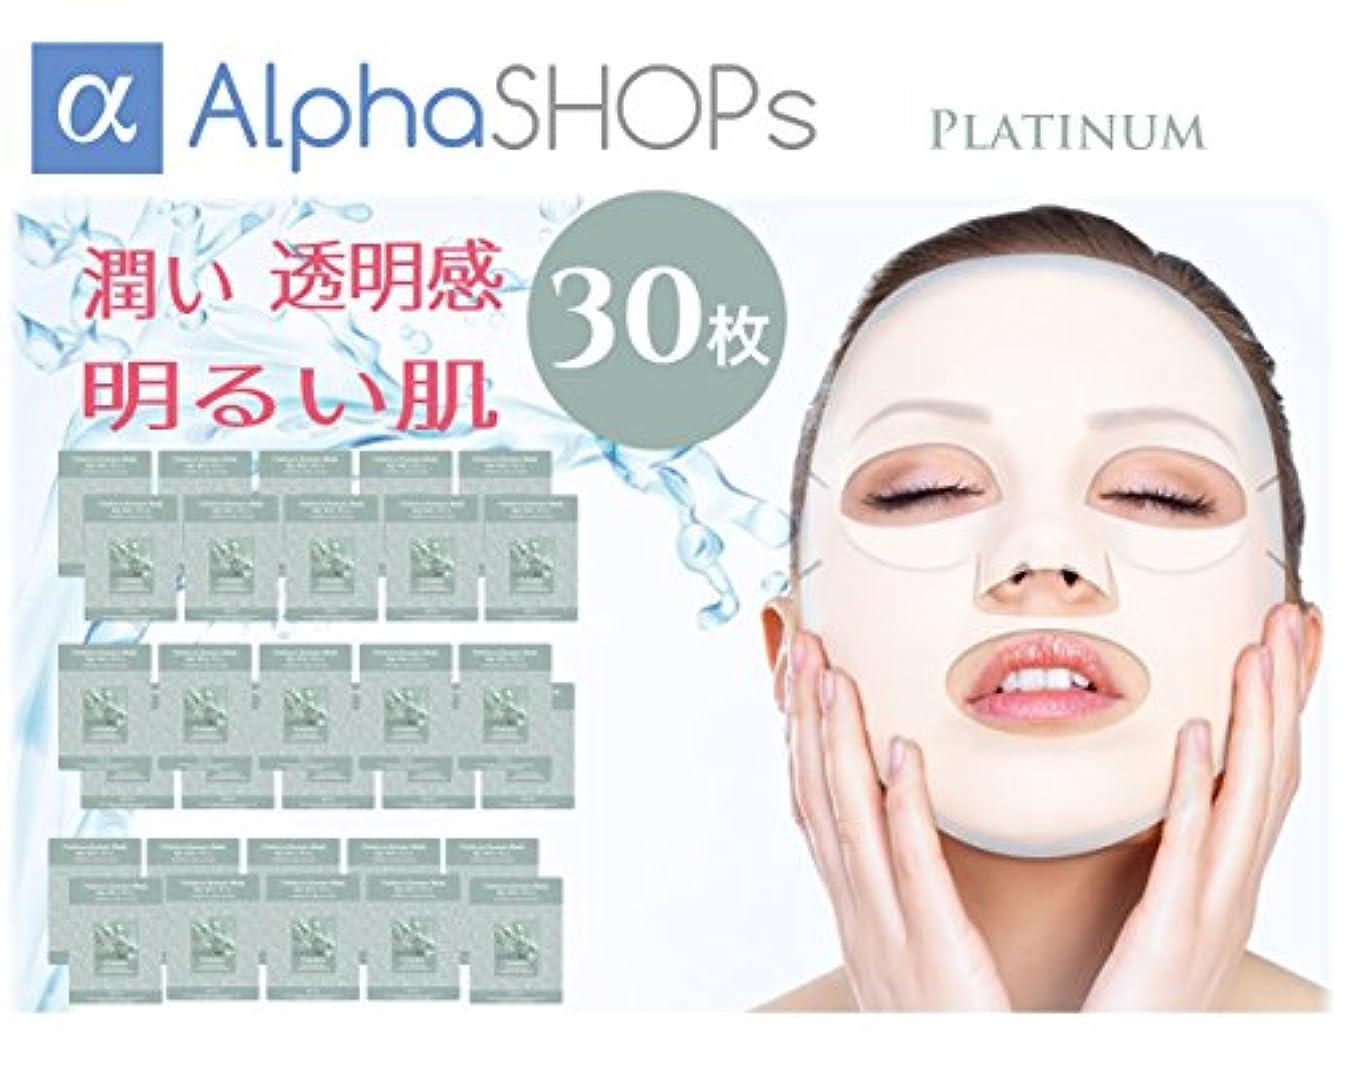 広告主スペシャリスト有能なフェイスパック フェイスマスクパック プラチナ ランキング 上位 韓国コスメ 30枚セット